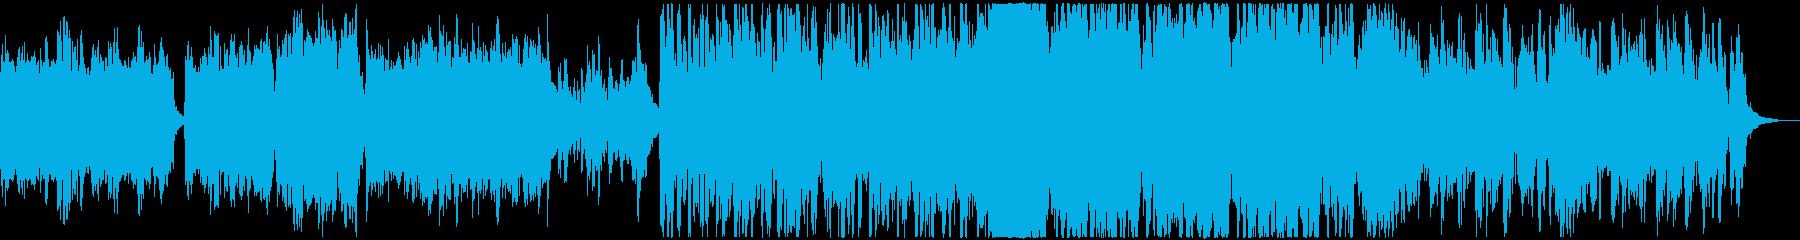 ドラマティックな和風オーケストラ曲の再生済みの波形